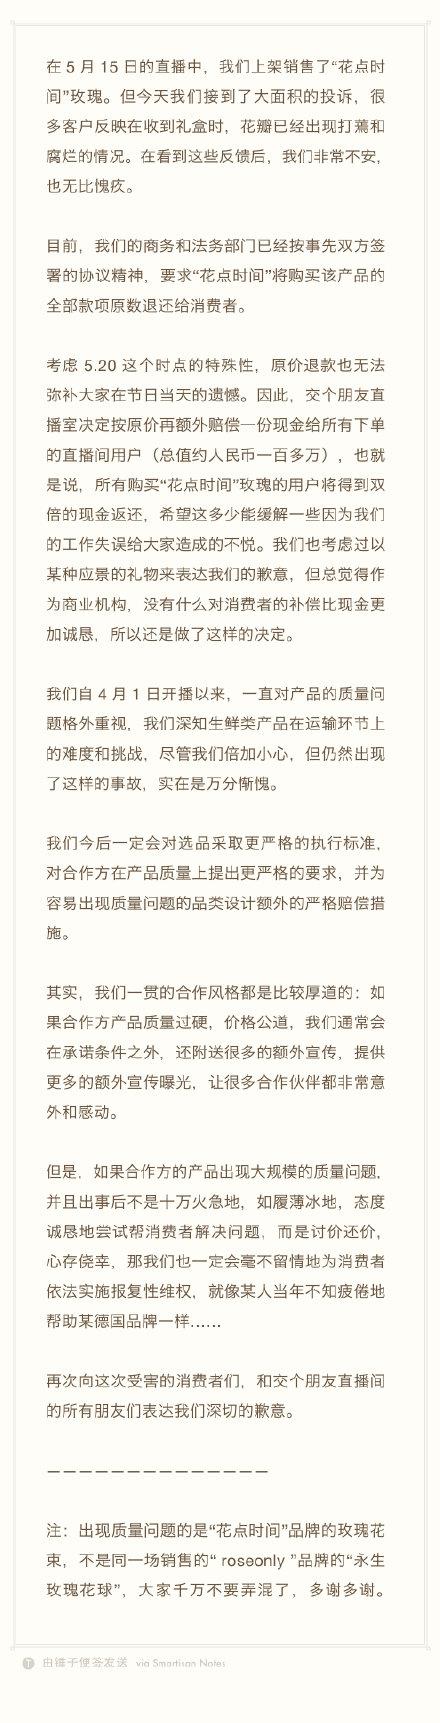 5月20日,网友吐槽商品,玫瑰烂掉。罗永浩道歉:双倍赔偿